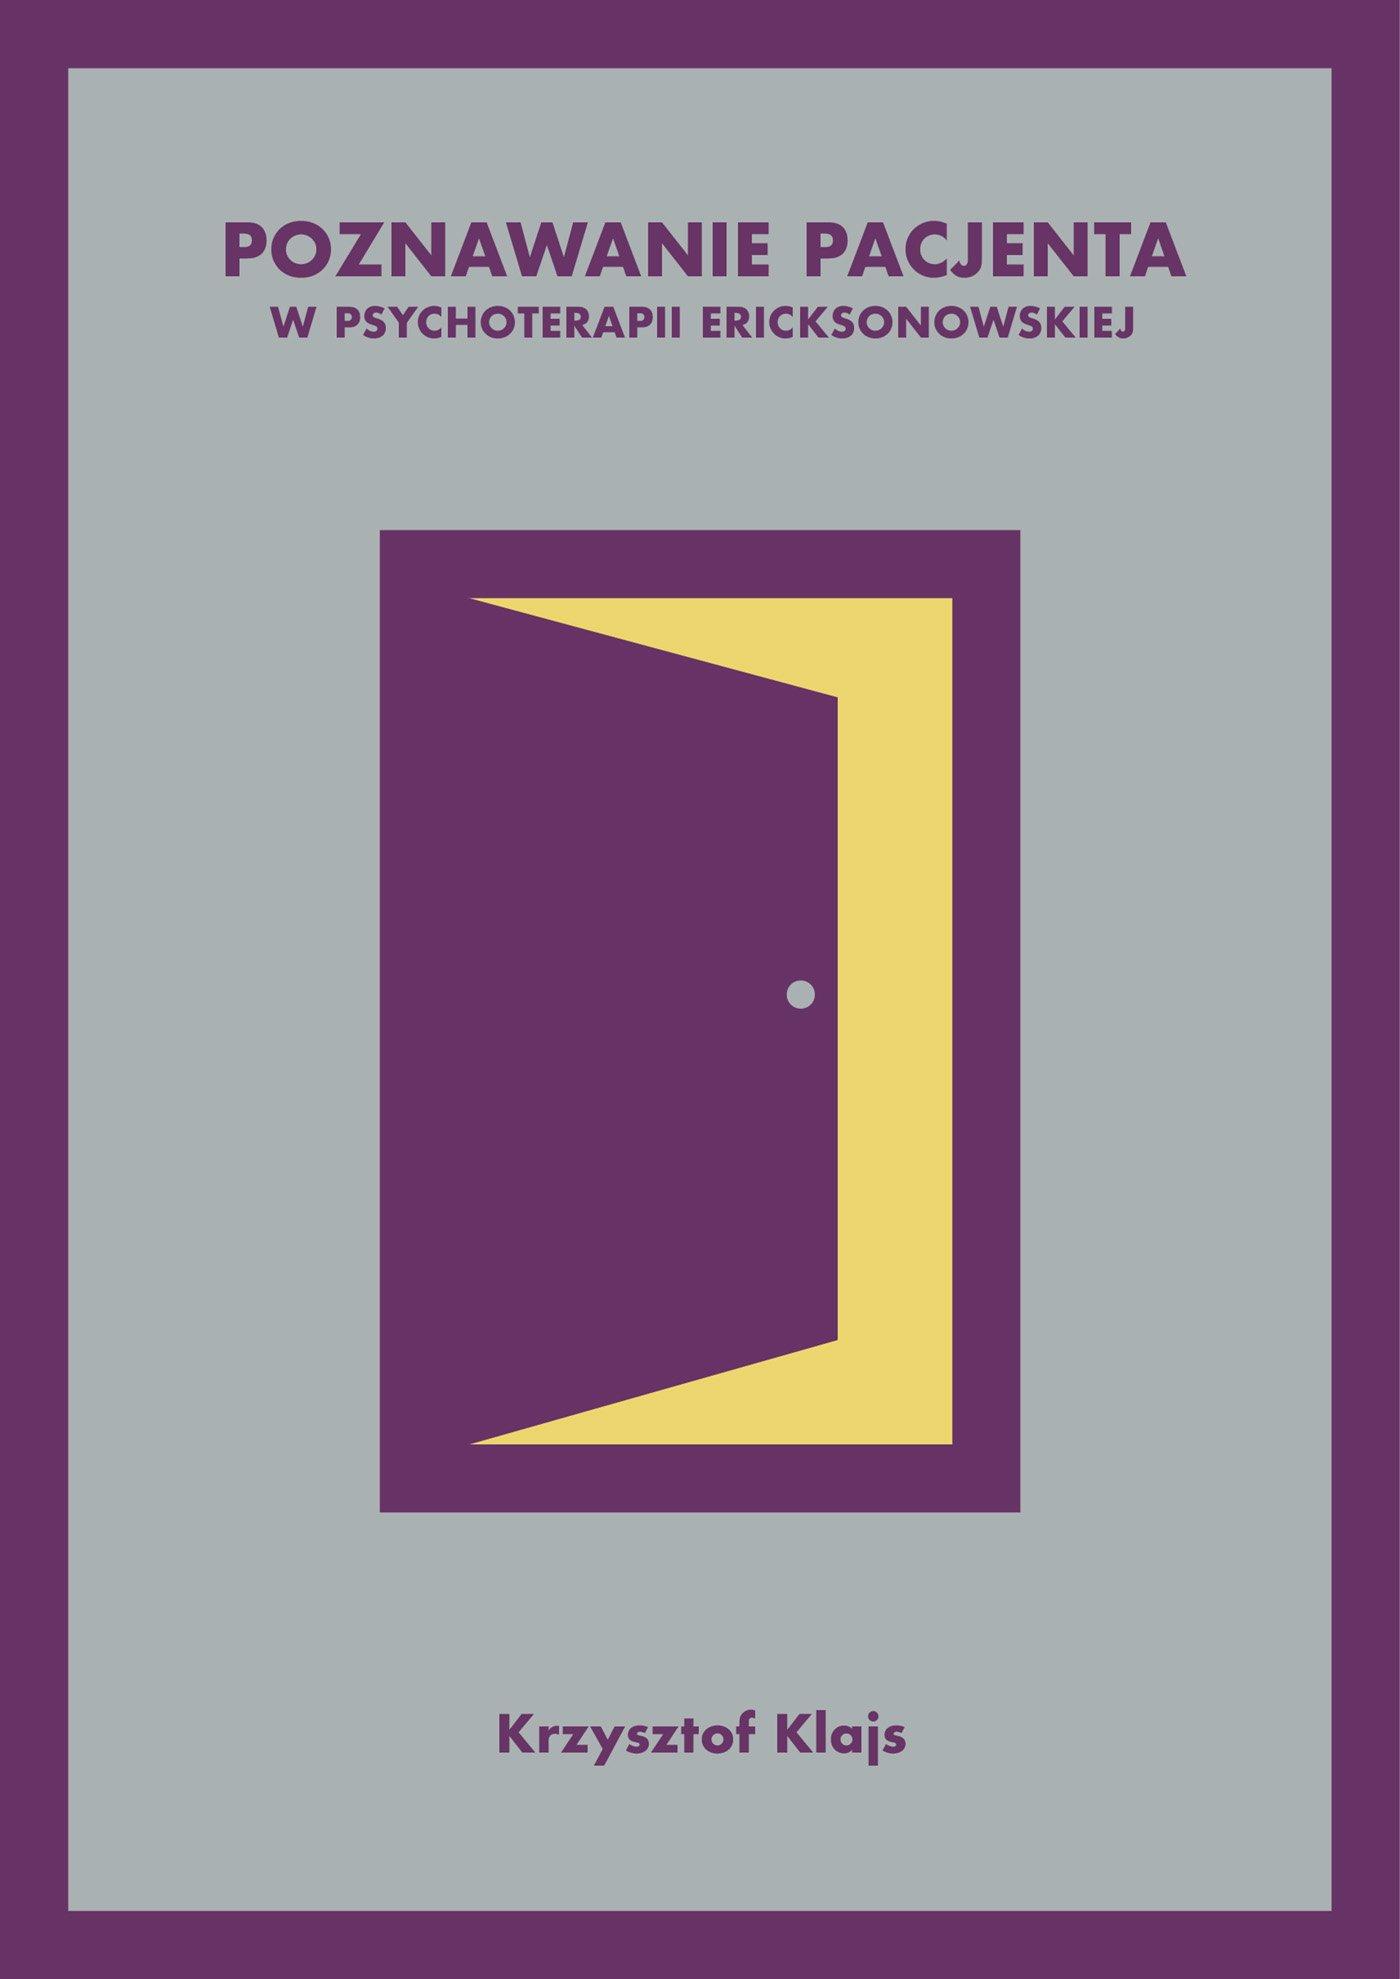 Poznawanie pacjenta w psychoterapii ericksonowskiej - Ebook (Książka EPUB) do pobrania w formacie EPUB